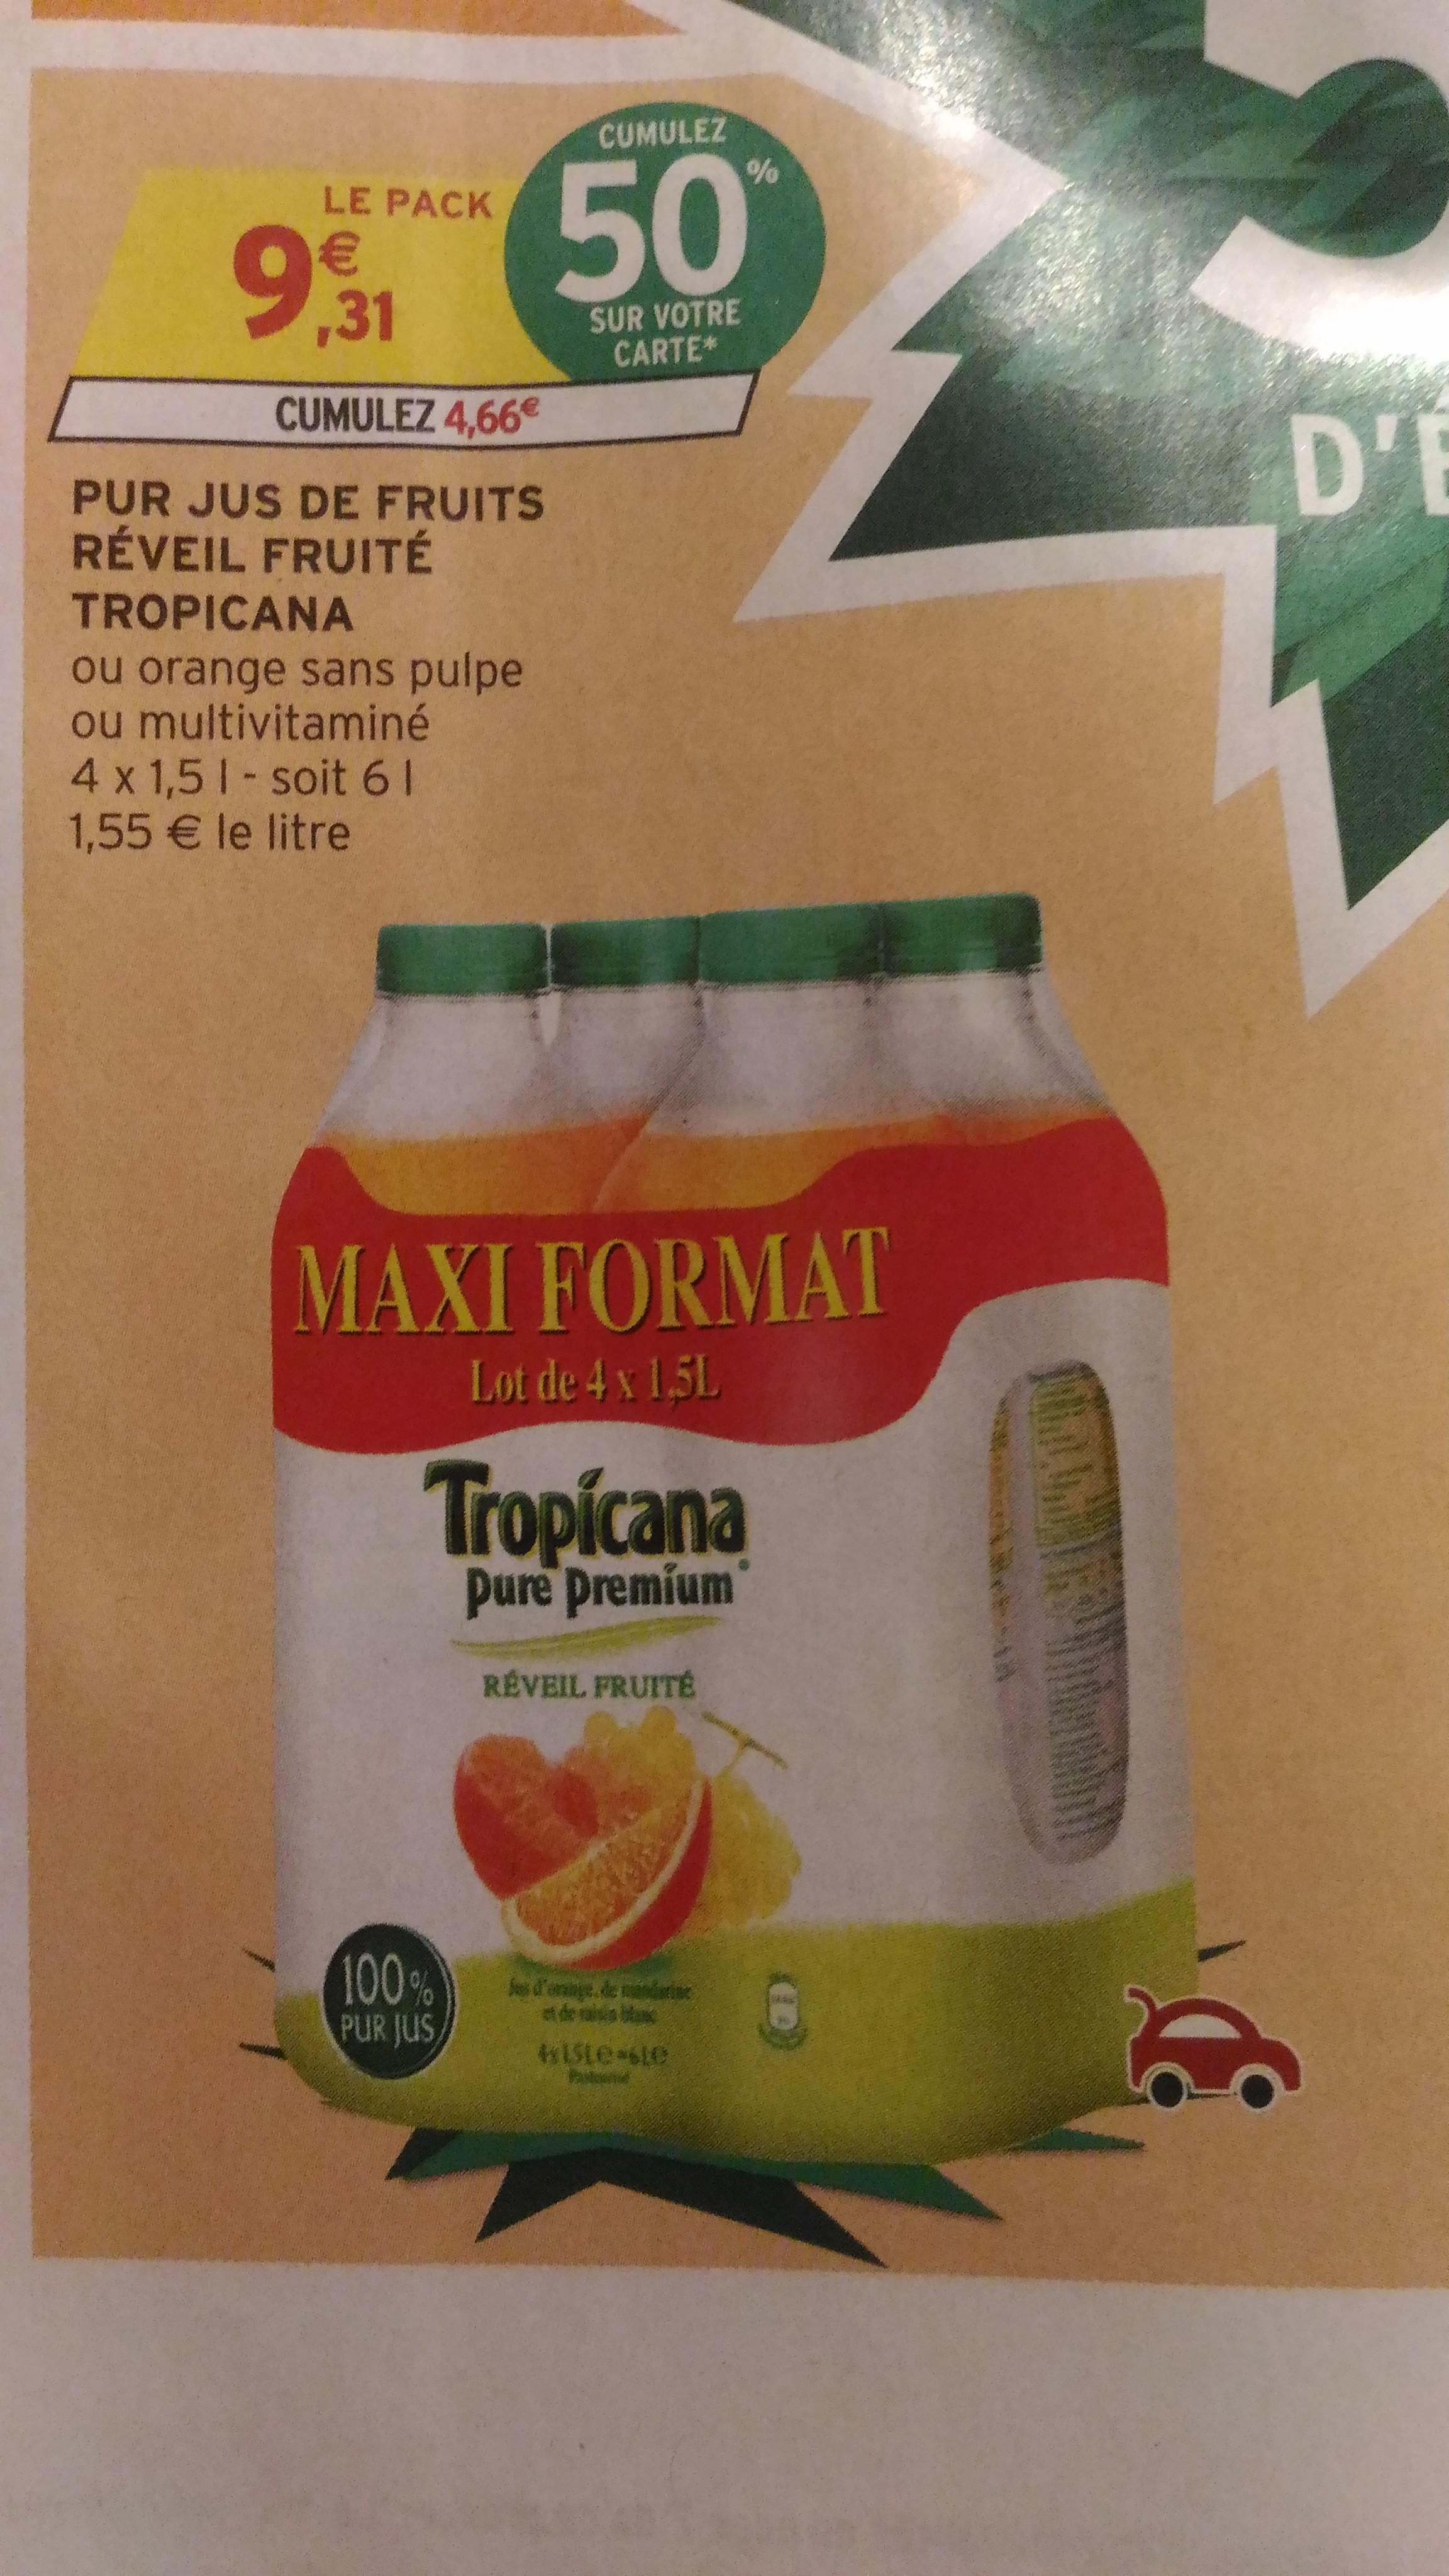 Pack de 4 bouteilles de jus Tropicana - 1.5L (via 4.66€ sur la carte)